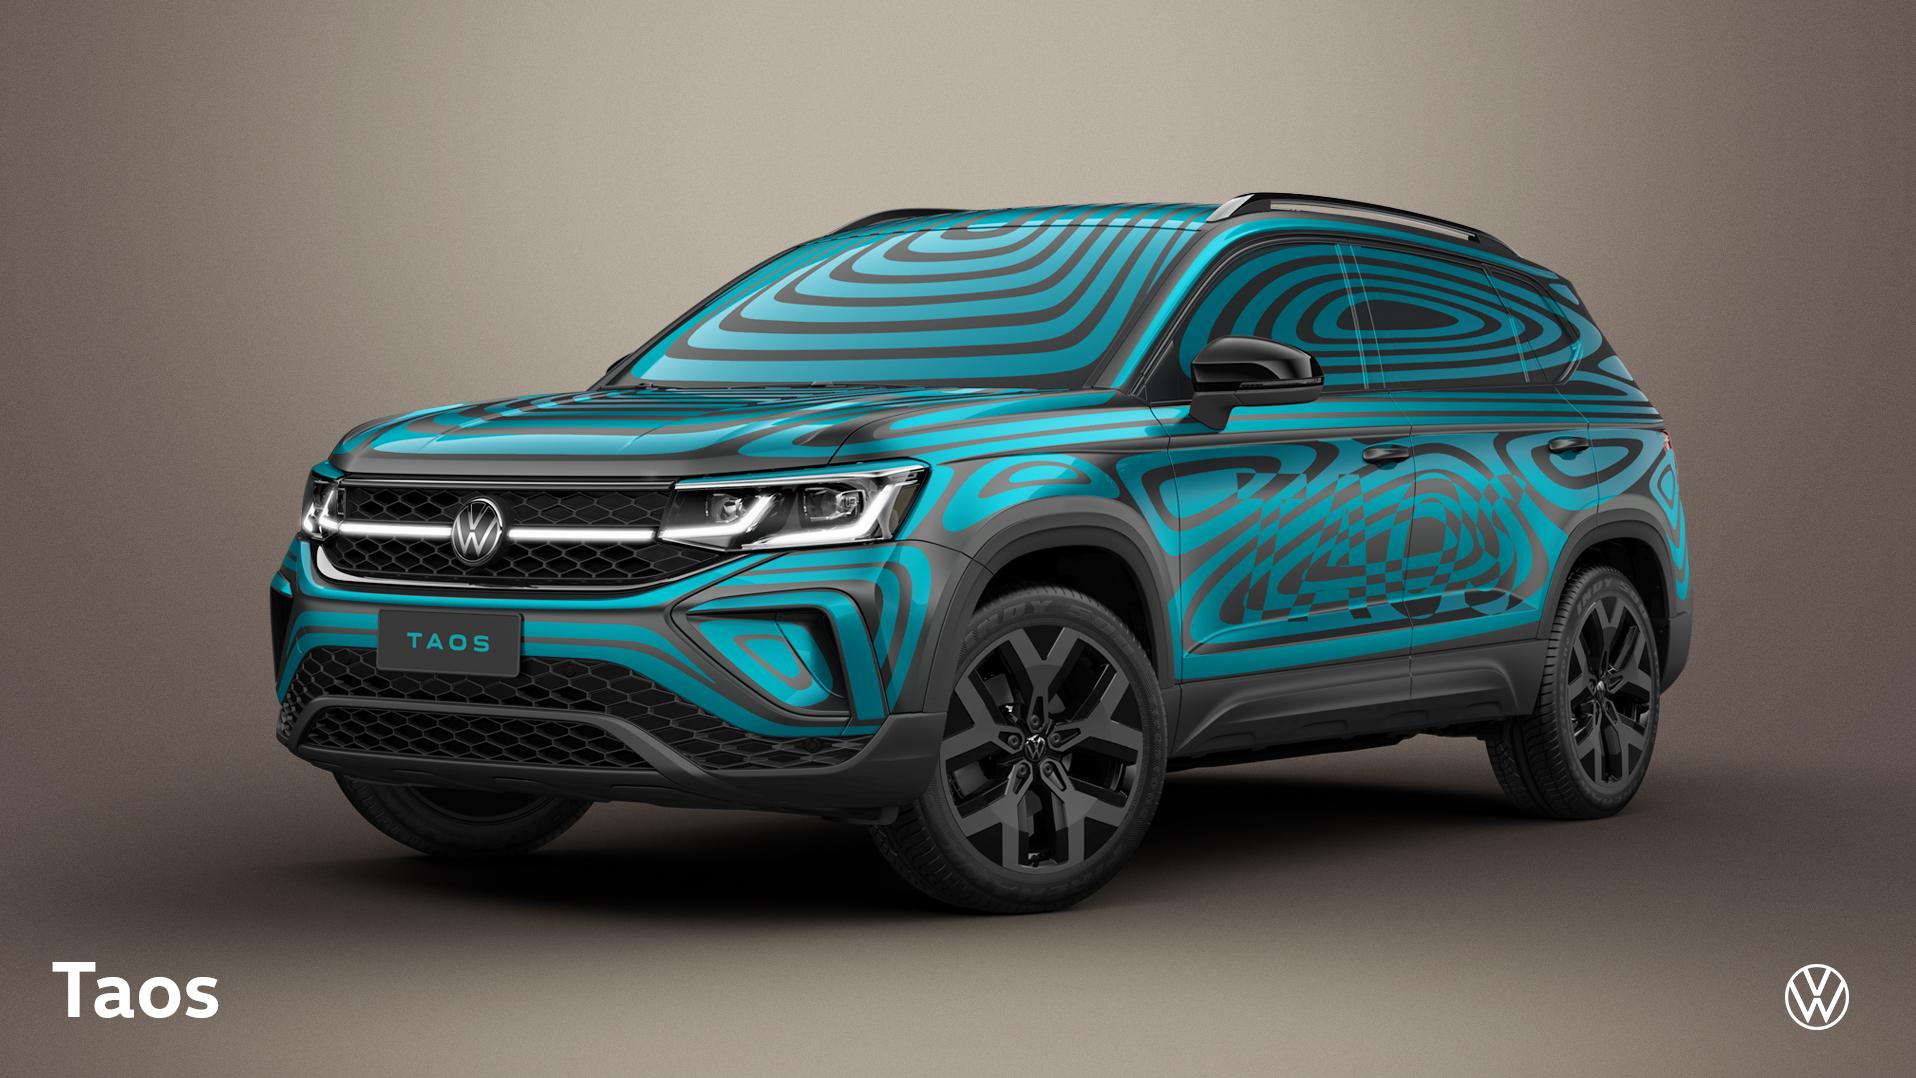 Volkswagen revela fotos exclusivas do TAOS com camuflagem moderna